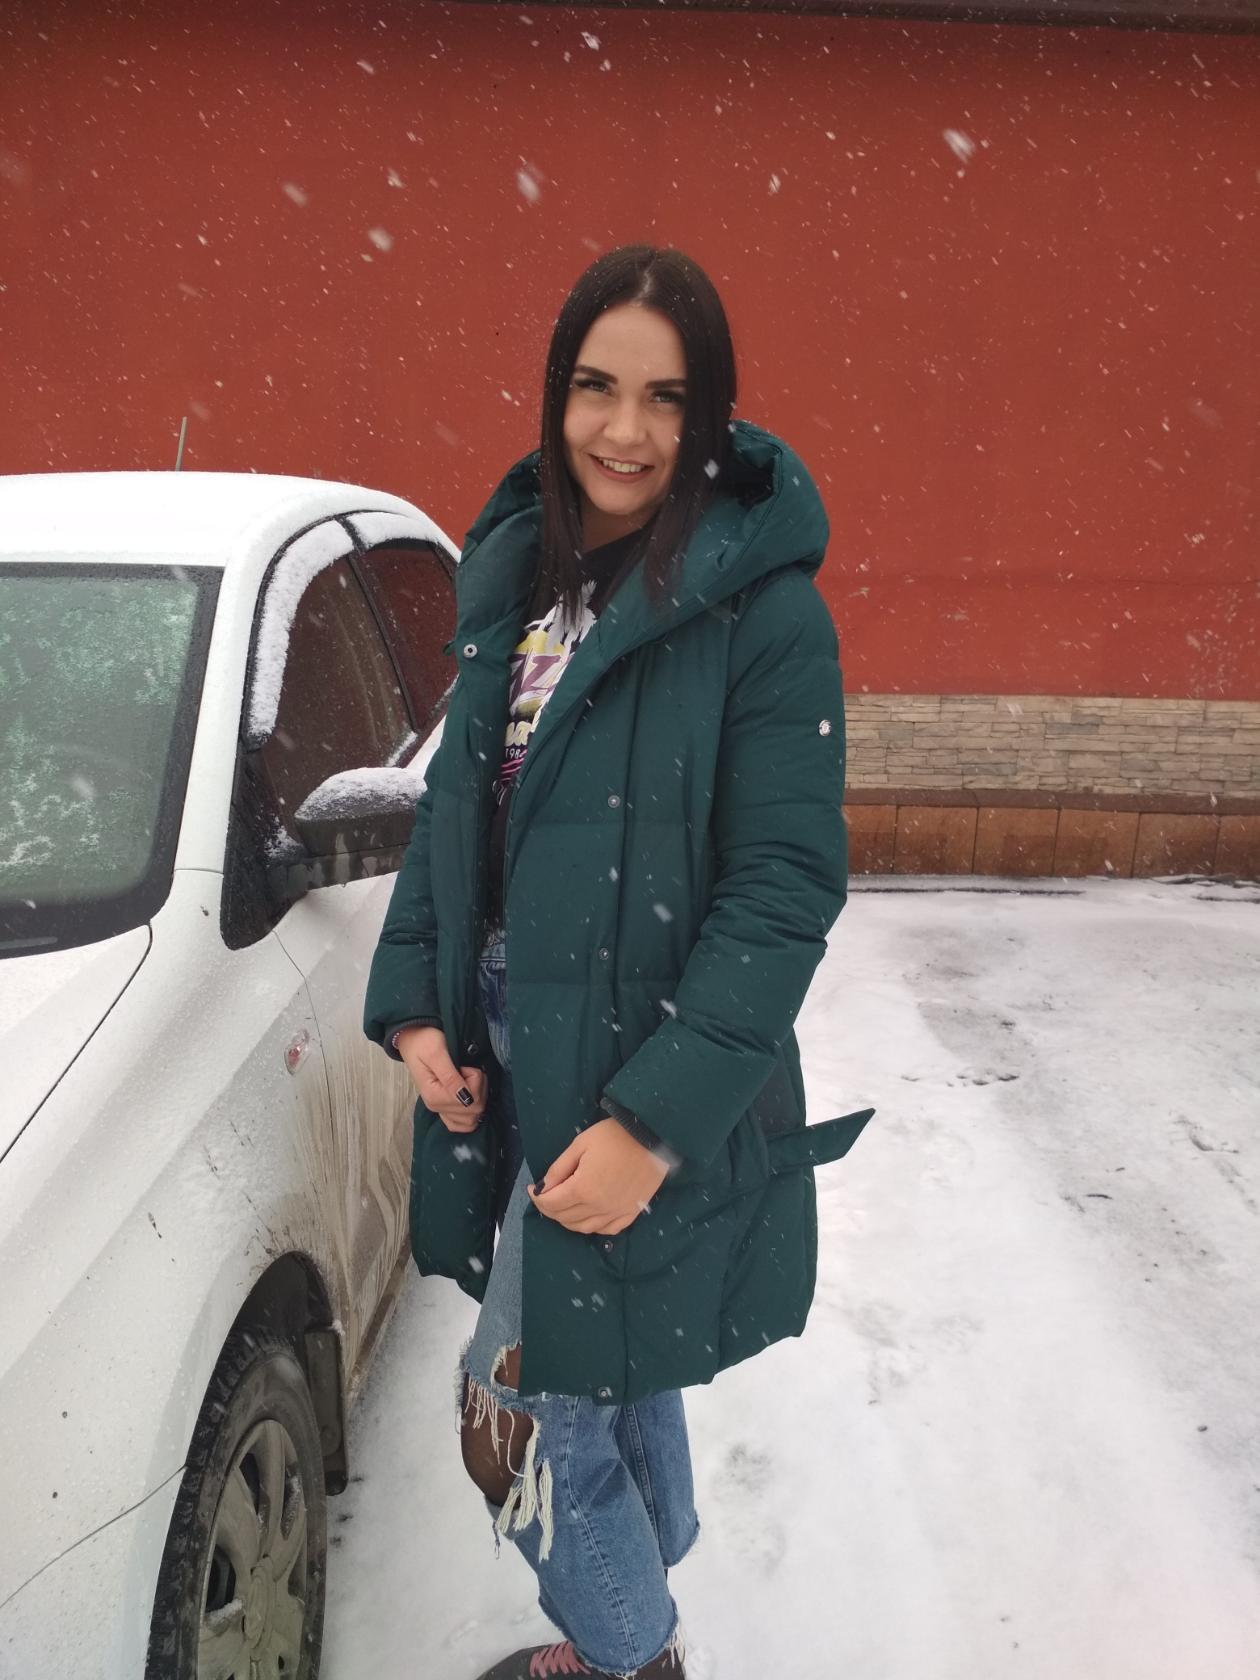 Работа для девушек на своем авто работа для девушек ежедневные выплаты